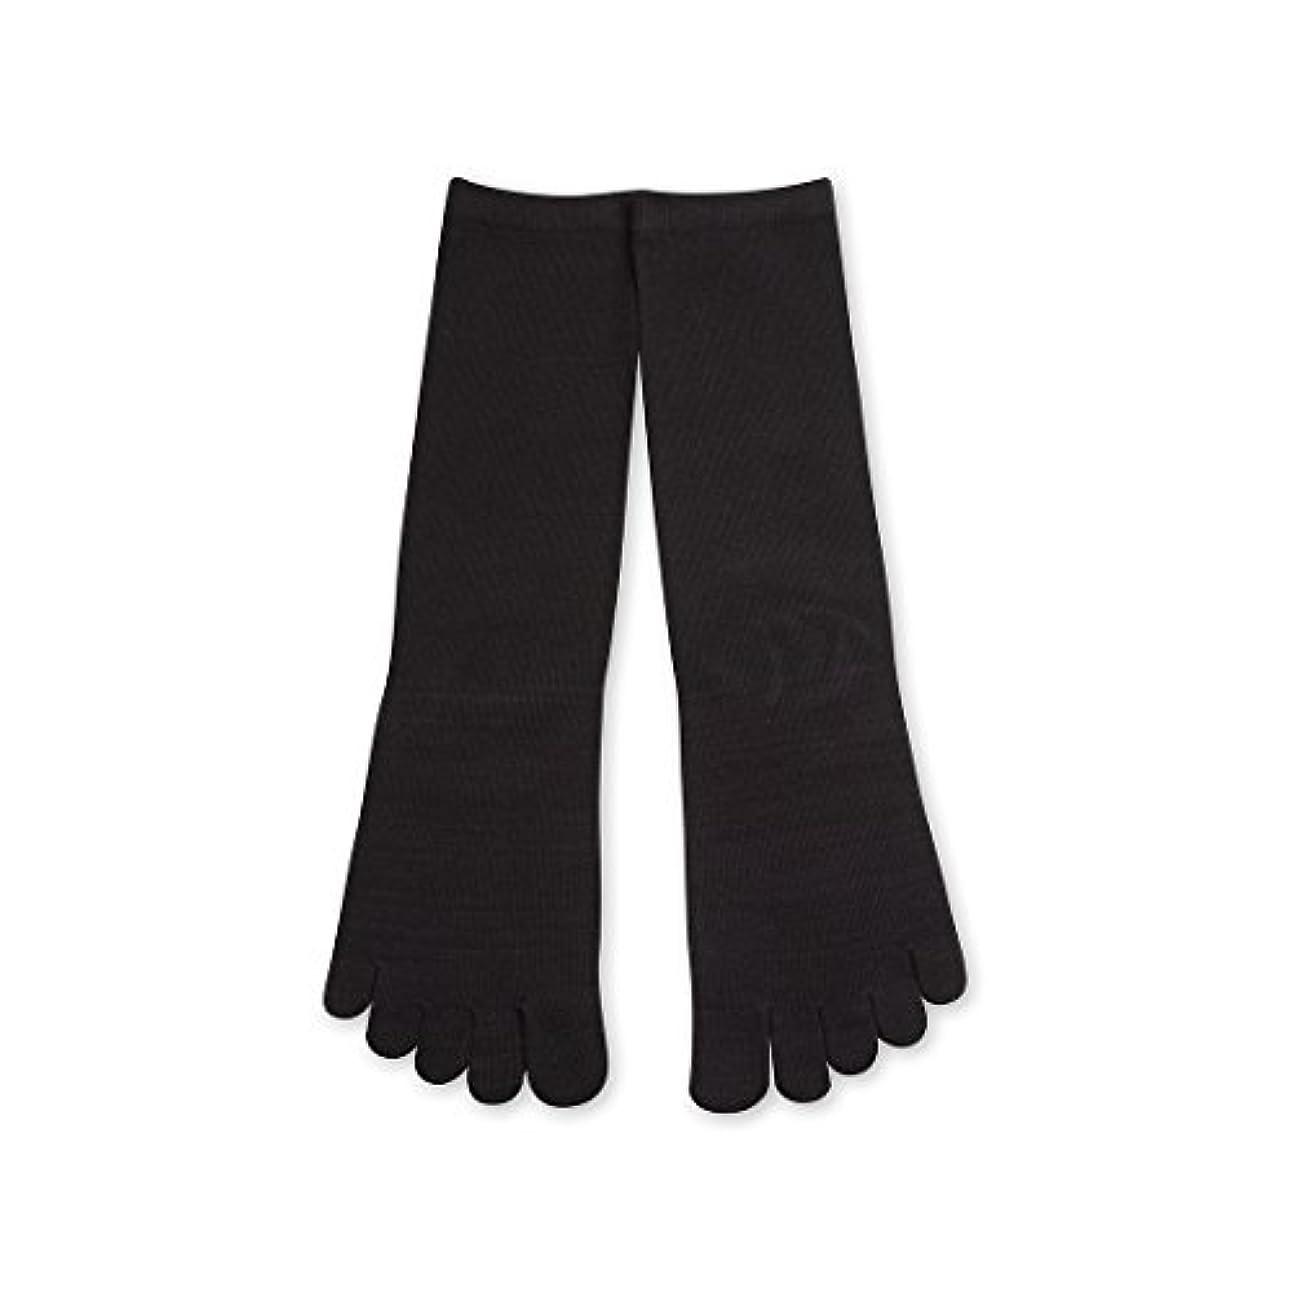 バスルーム予知起こりやすいDeol(デオル) 5本指 ソックス 男性用 靴下 25~27cm 黒